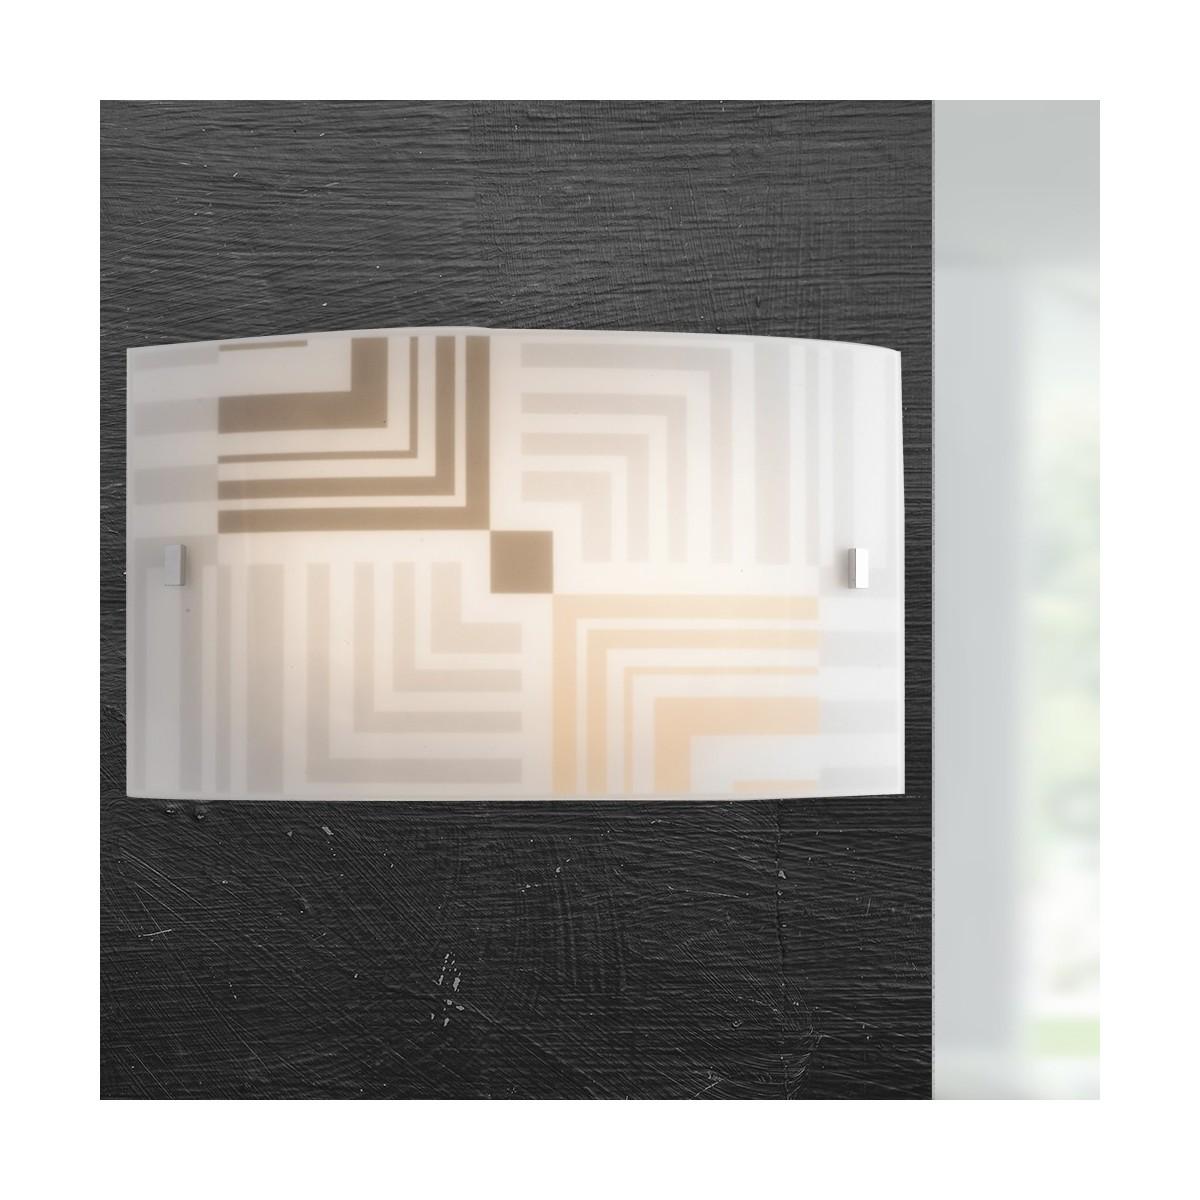 I-SEVENTY/AP3520 - Applique Rettangolare Vetro Bianco Decoro Frecce Lampada da Parete Moderna E27